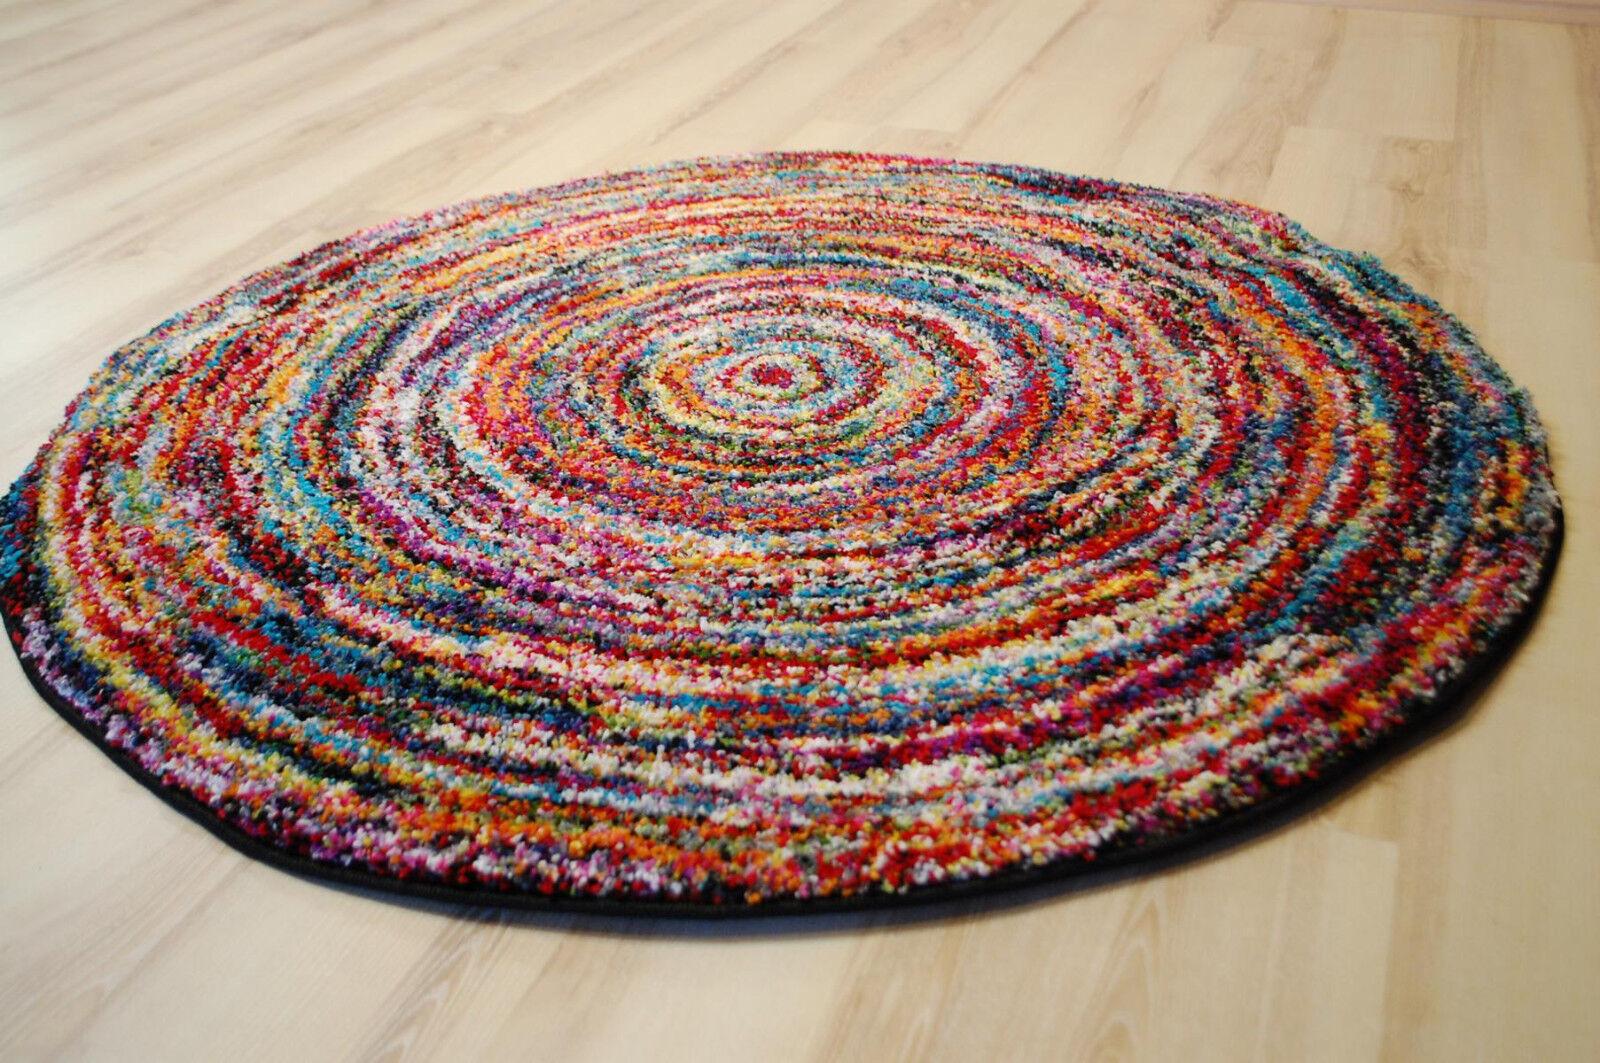 Teppich MultiFarbe Designer SIX05 Round Modern 120x120cm rund bunt